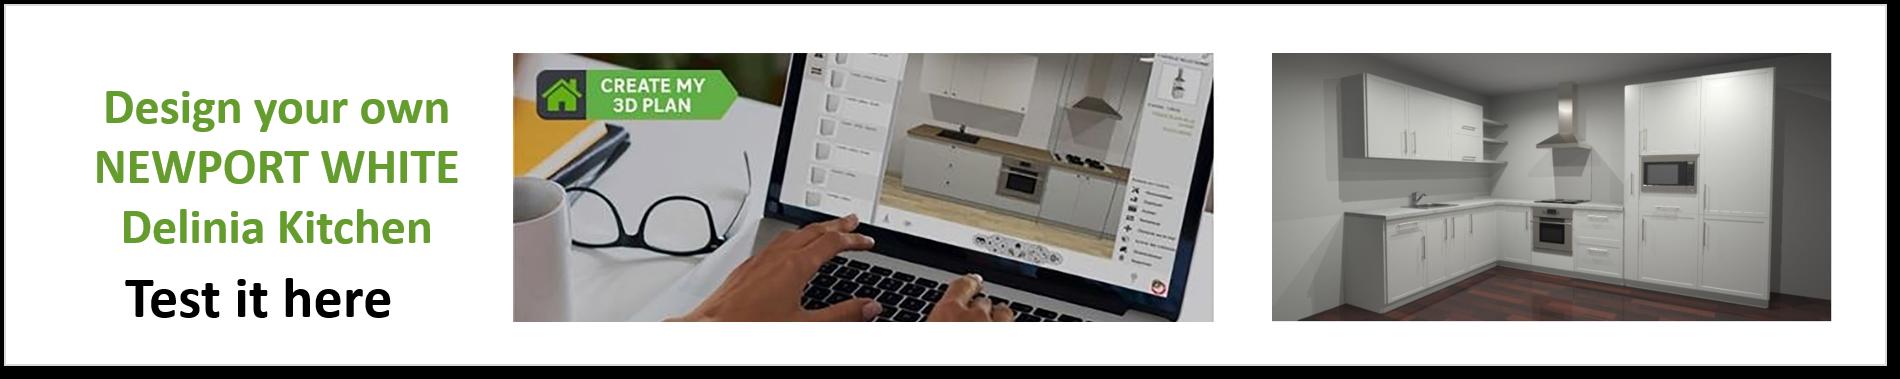 Create or Design your own Delinia Newport White Designer Kitchen